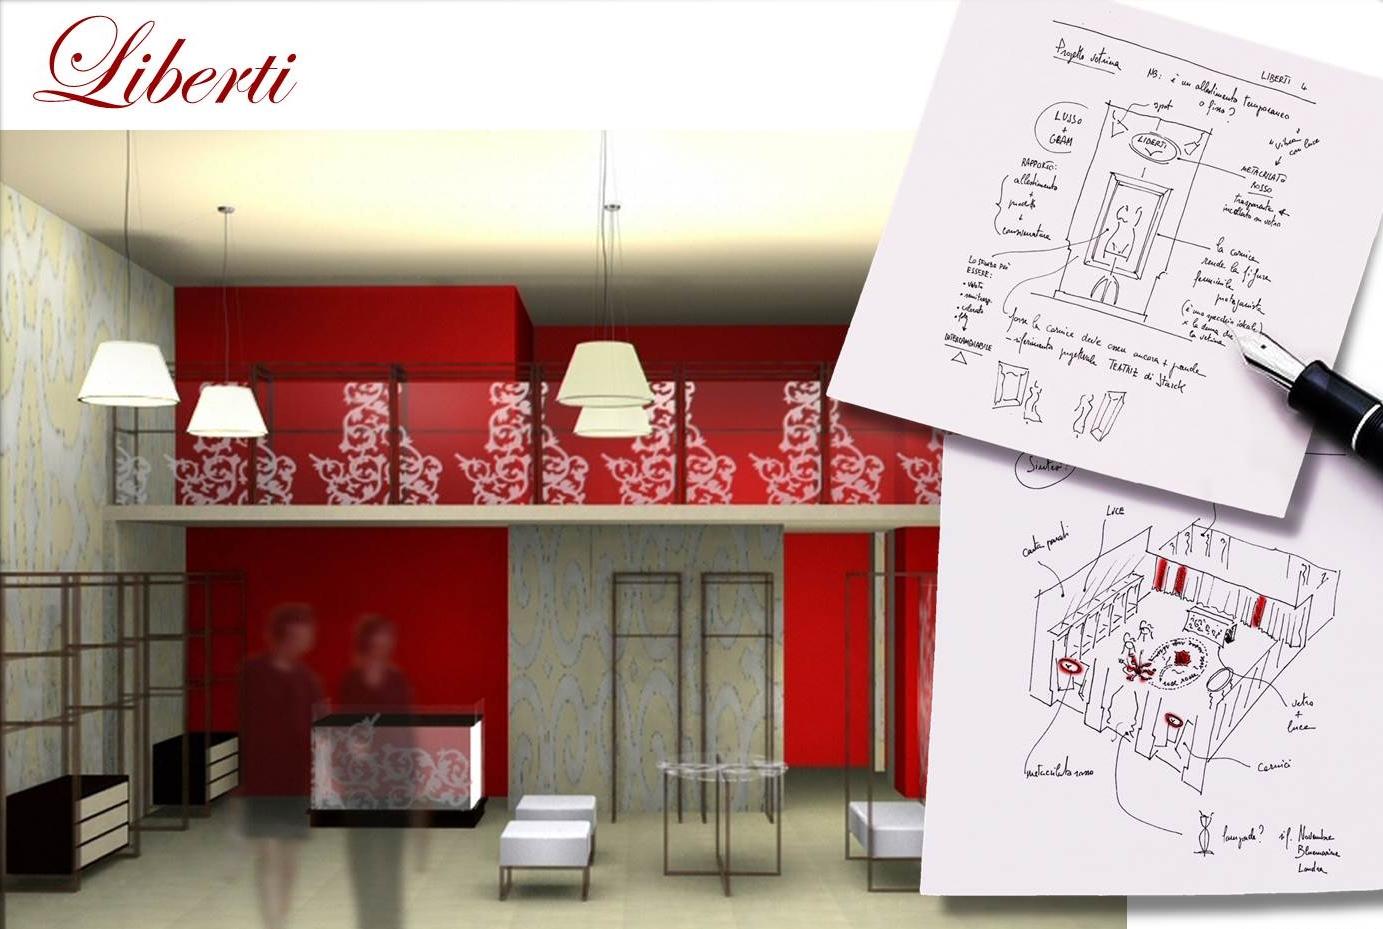 Liberti, underware store format, 2004, project by: Alessandro Villa  - Alessandro Villa architect